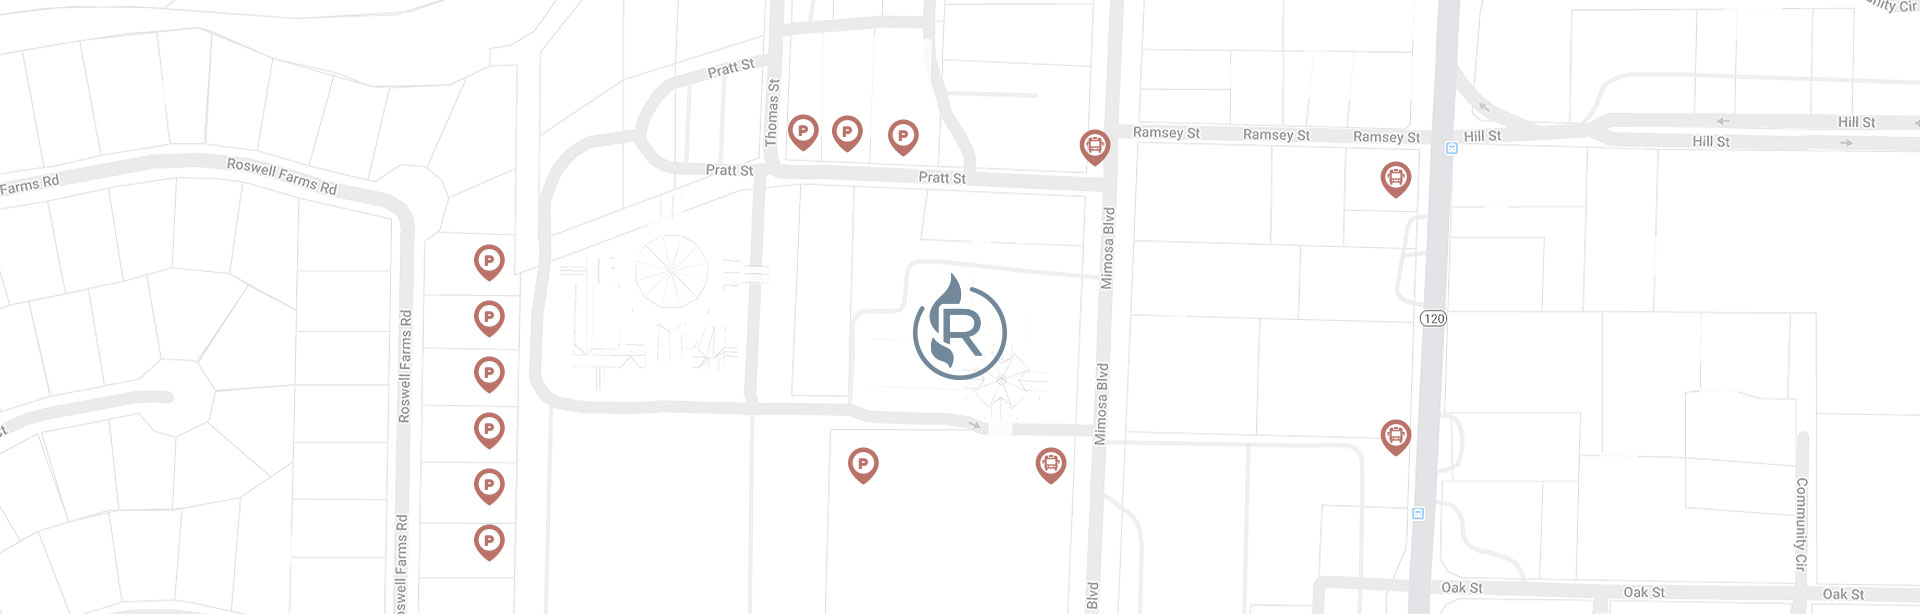 rumc-map-img